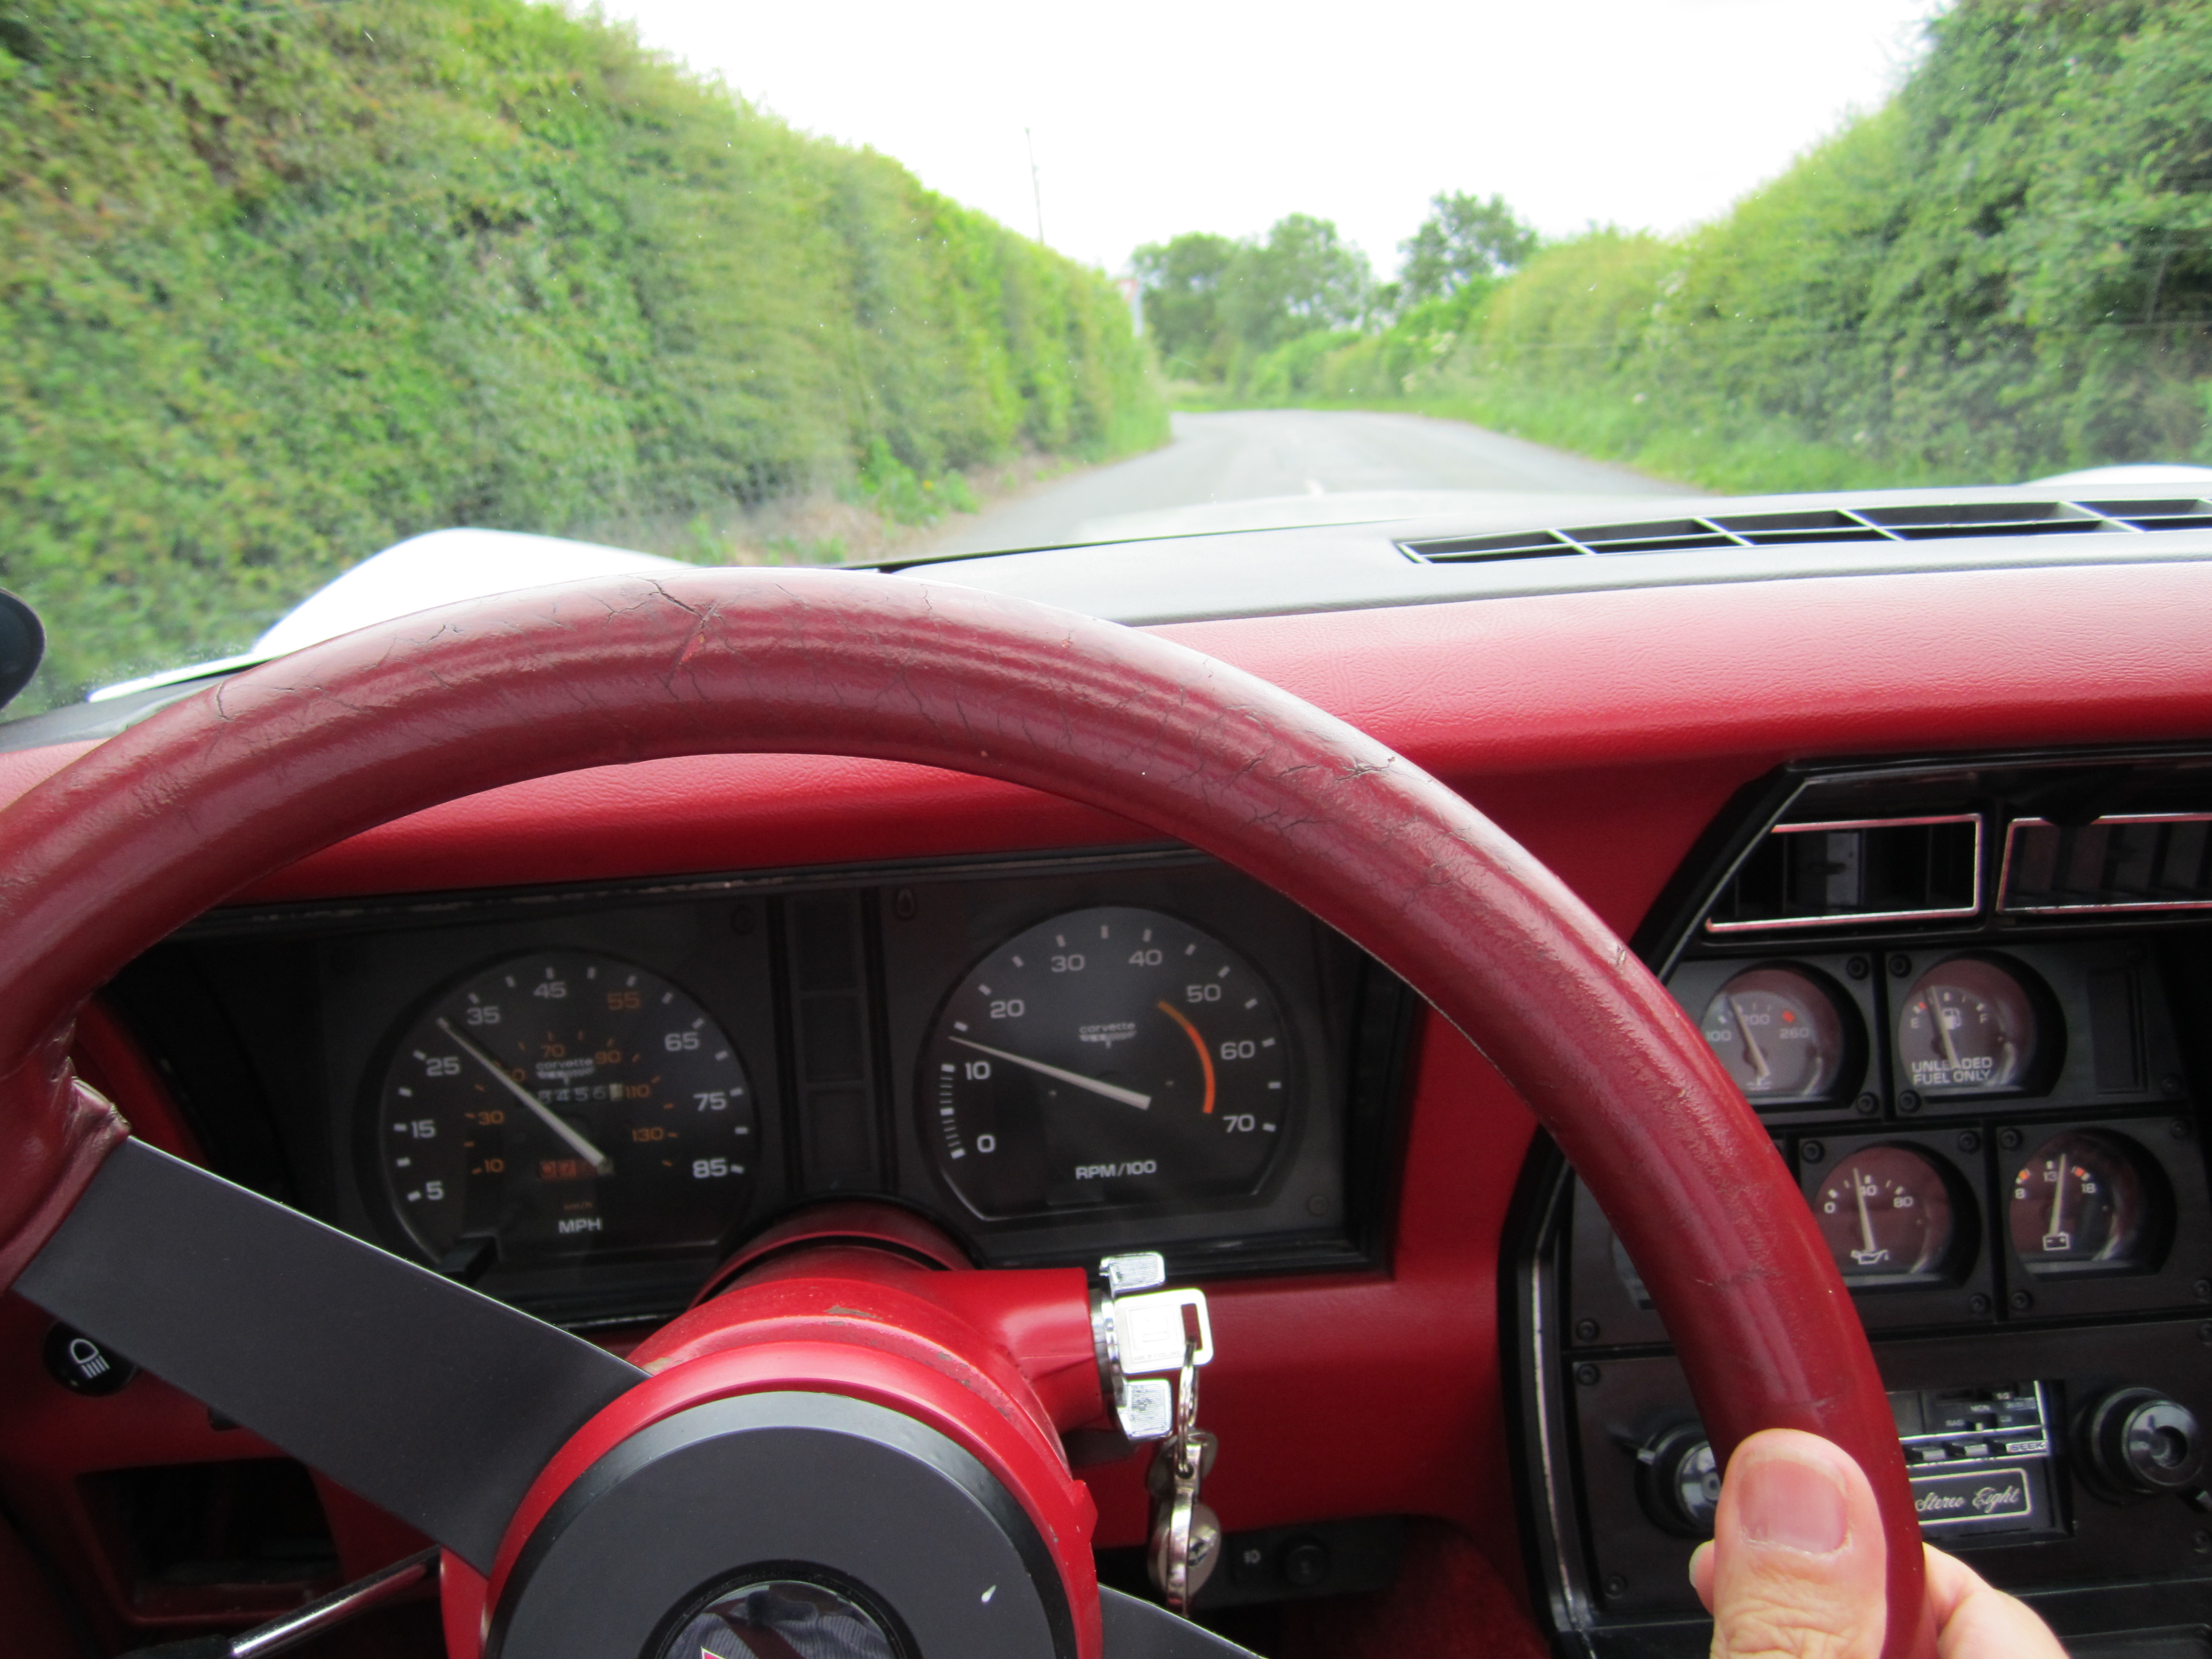 Drivers eye view